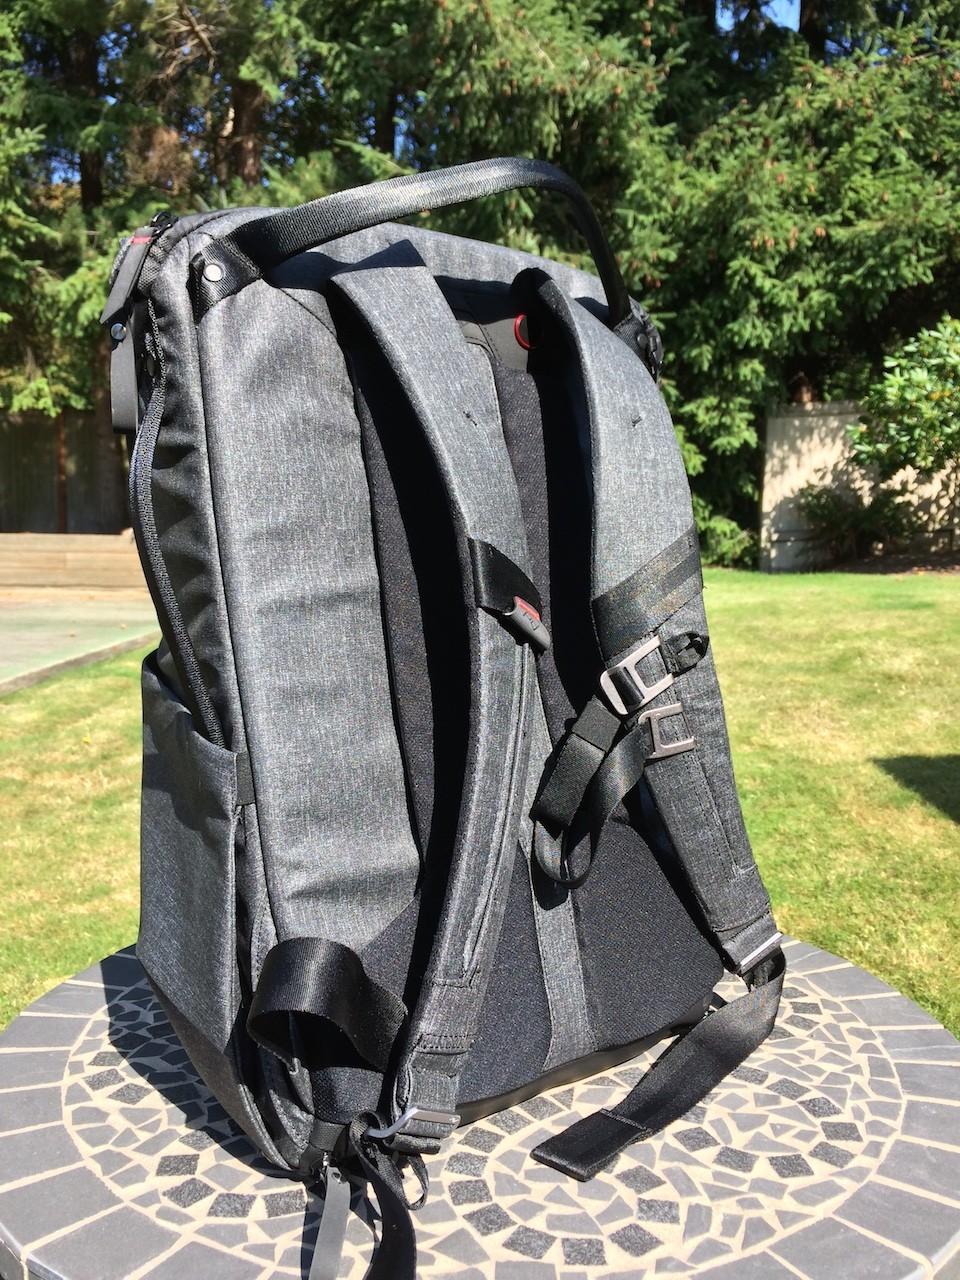 Peak Design Everyday Backpack shoulder straps